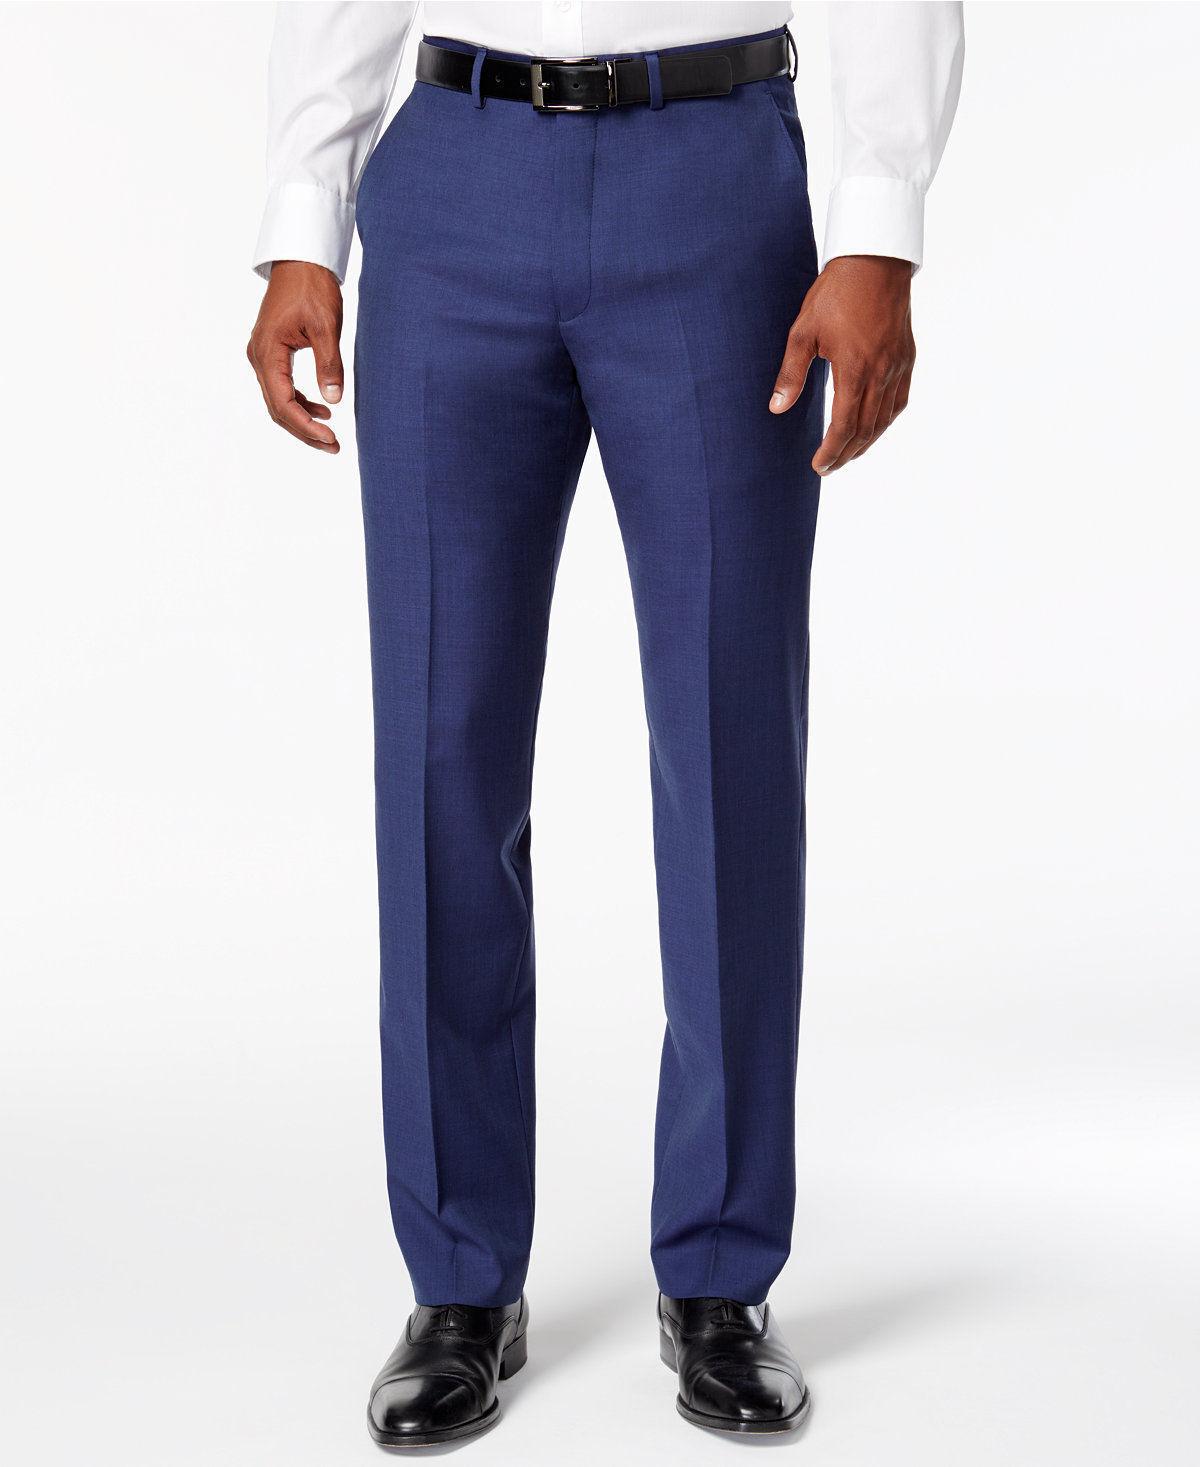 RYAN SEACREST 38W 32L Men's blueE MODERN FIT SUIT WOOL DRESS TROUSERS PANTS